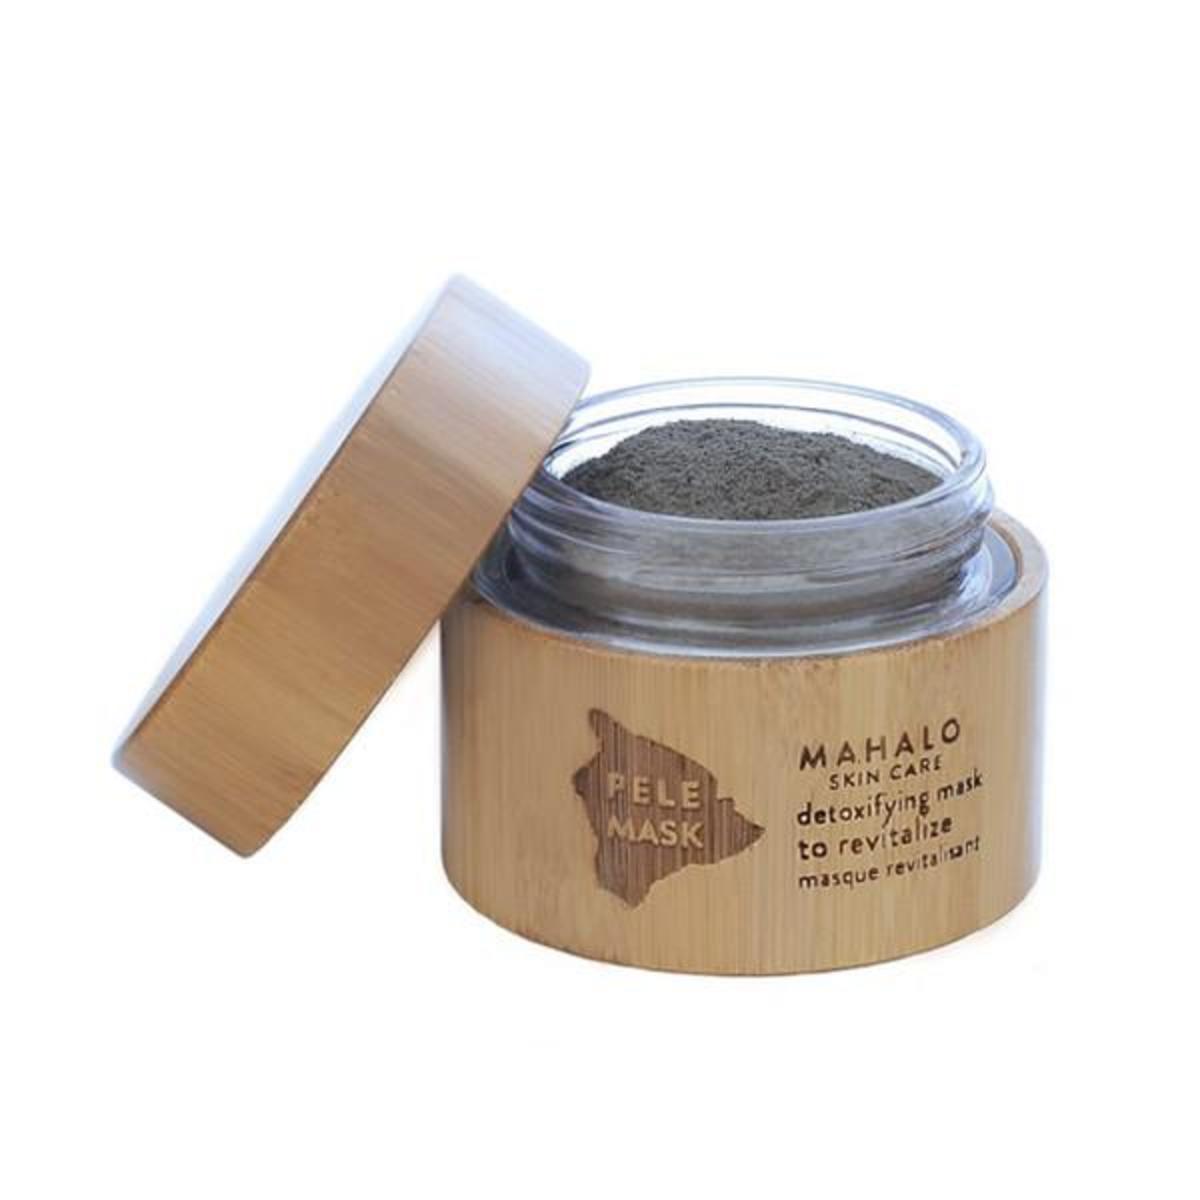 Mahalo Pele Mask